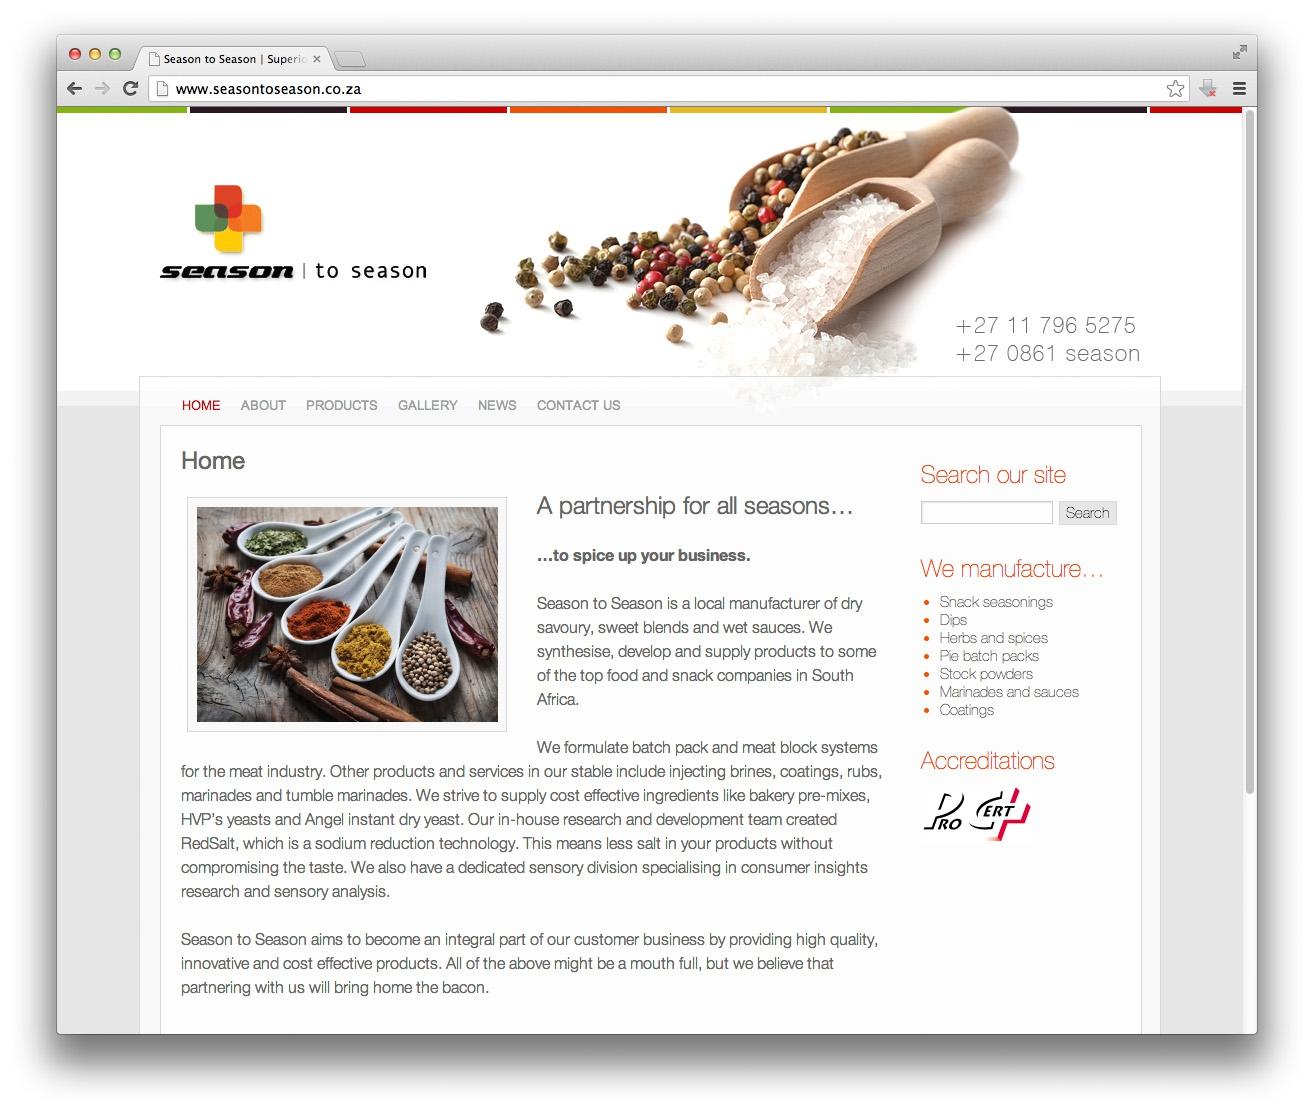 website-season-to-season-01